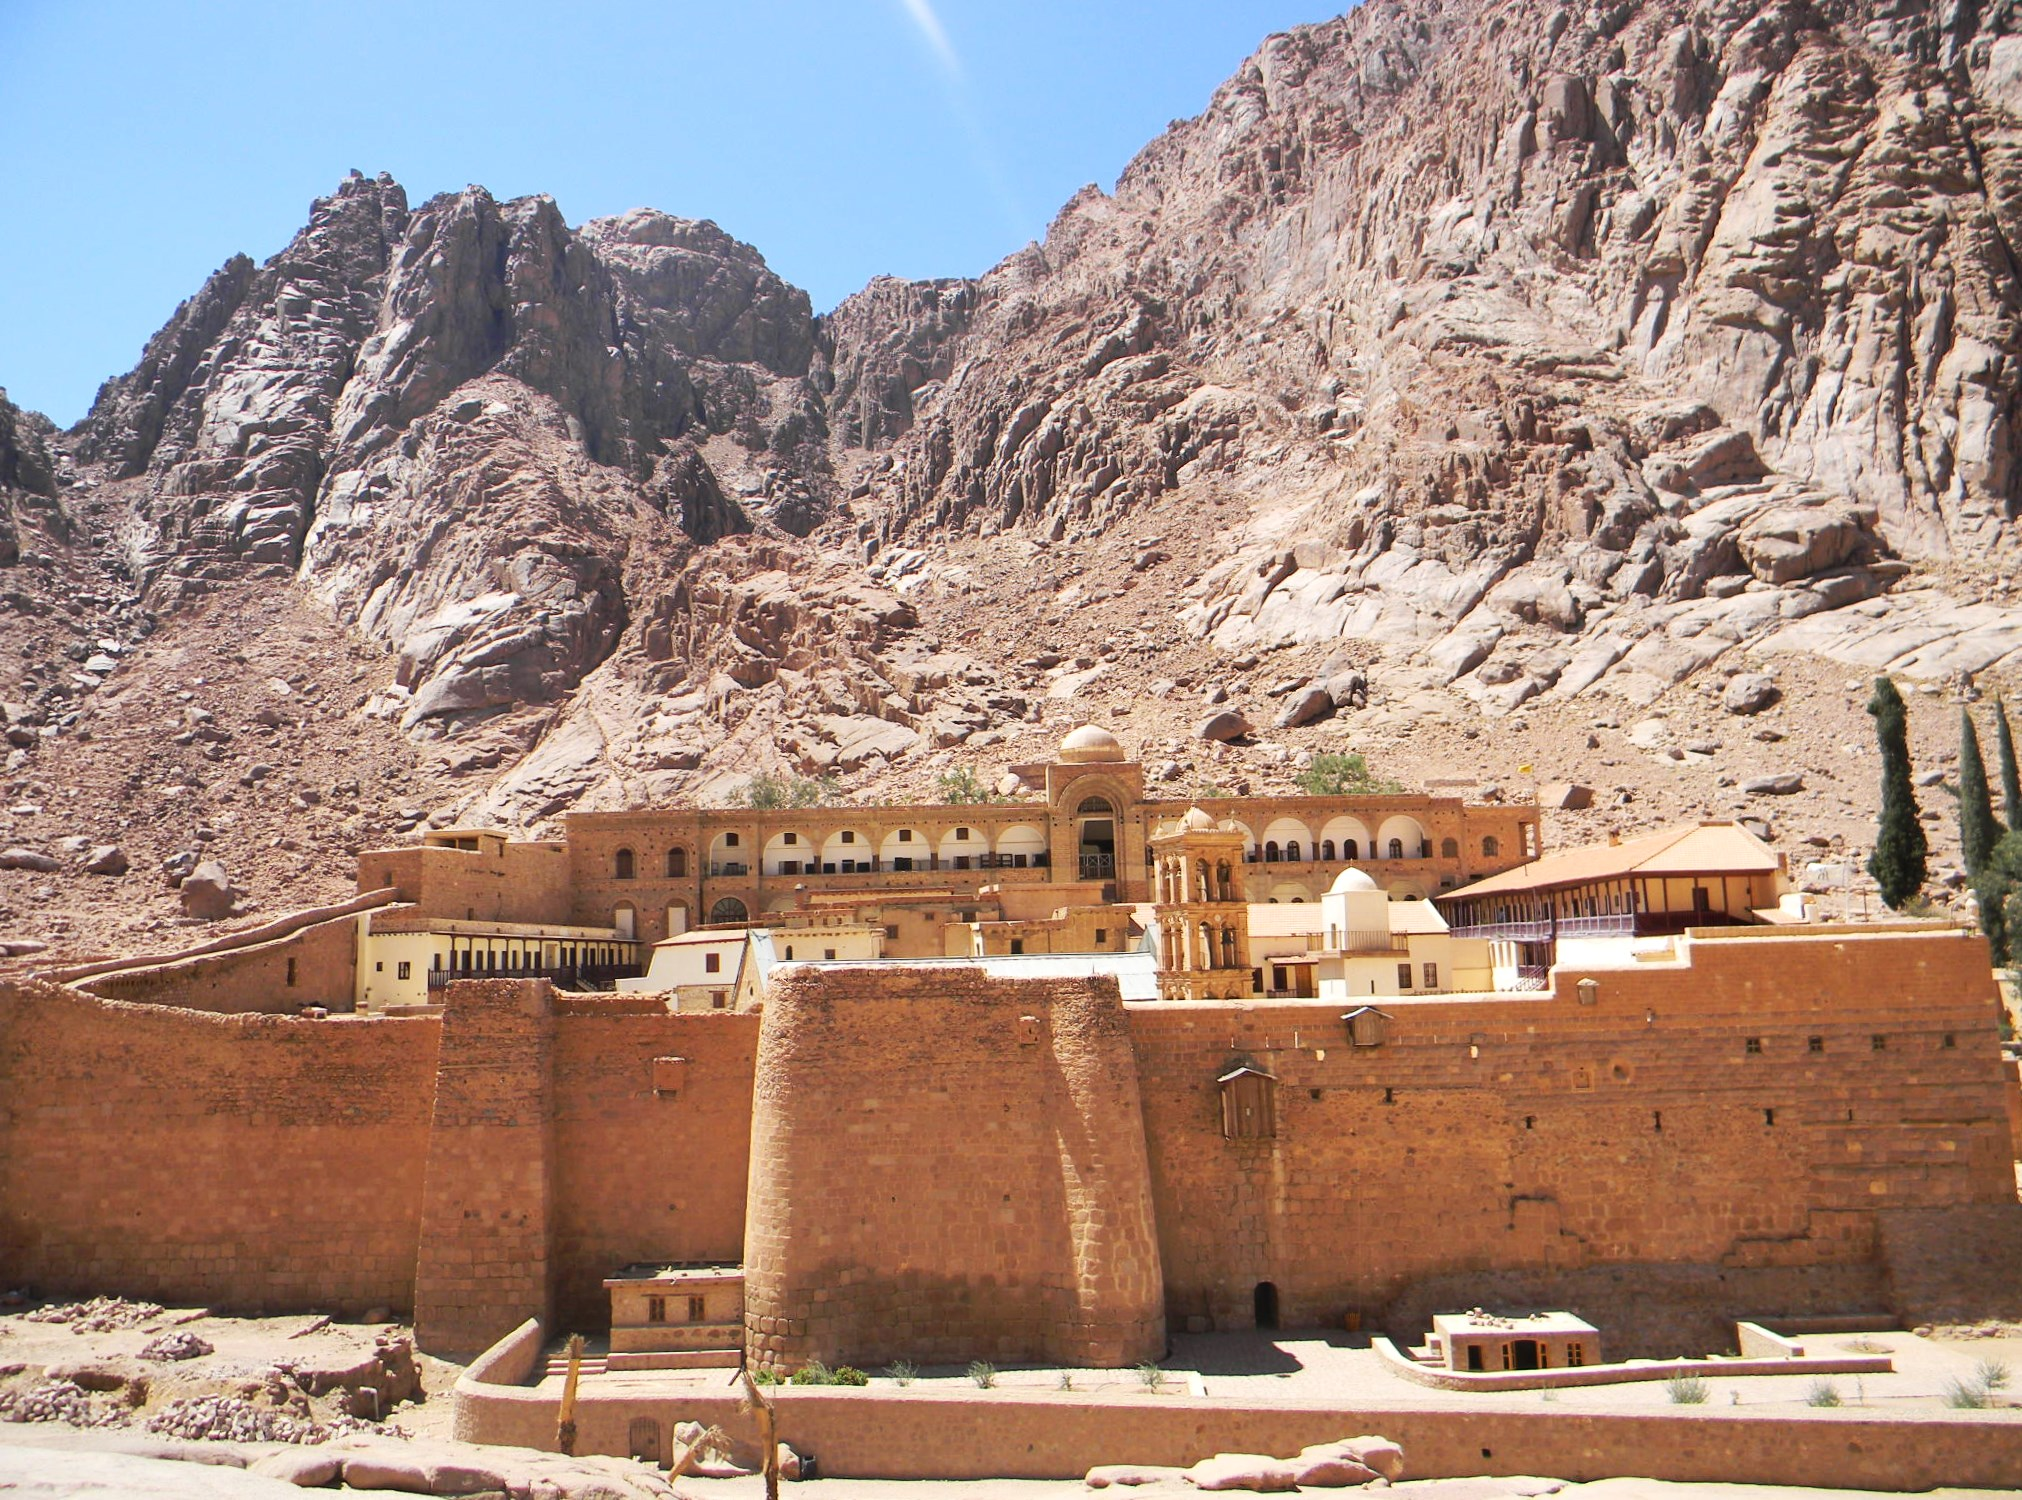 St. Catherine's Monastery, Sinai. Credit: Devdan Chaudhuri